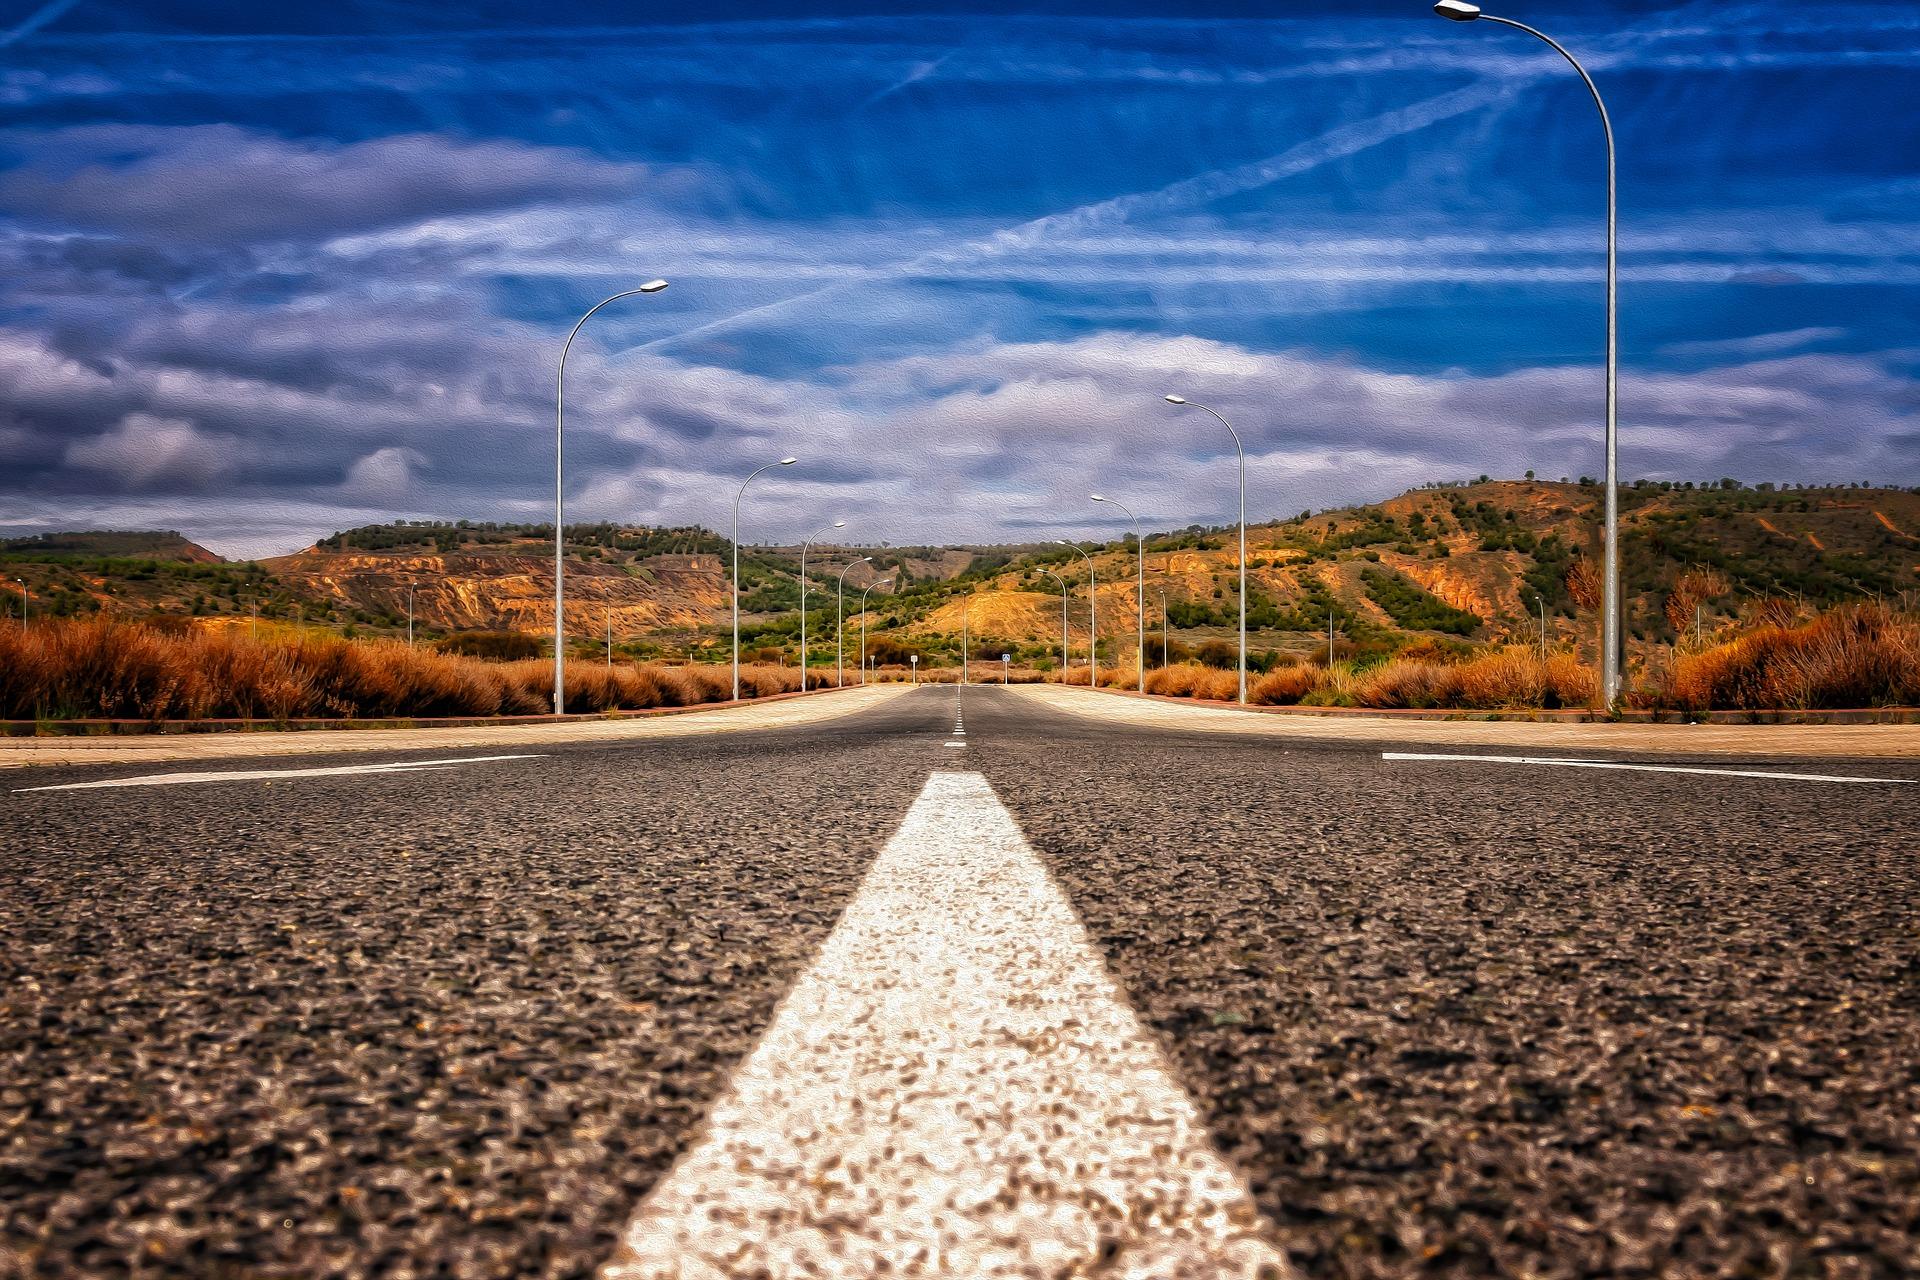 Highway to Spain – Mit oder ohne Auto auswandern?